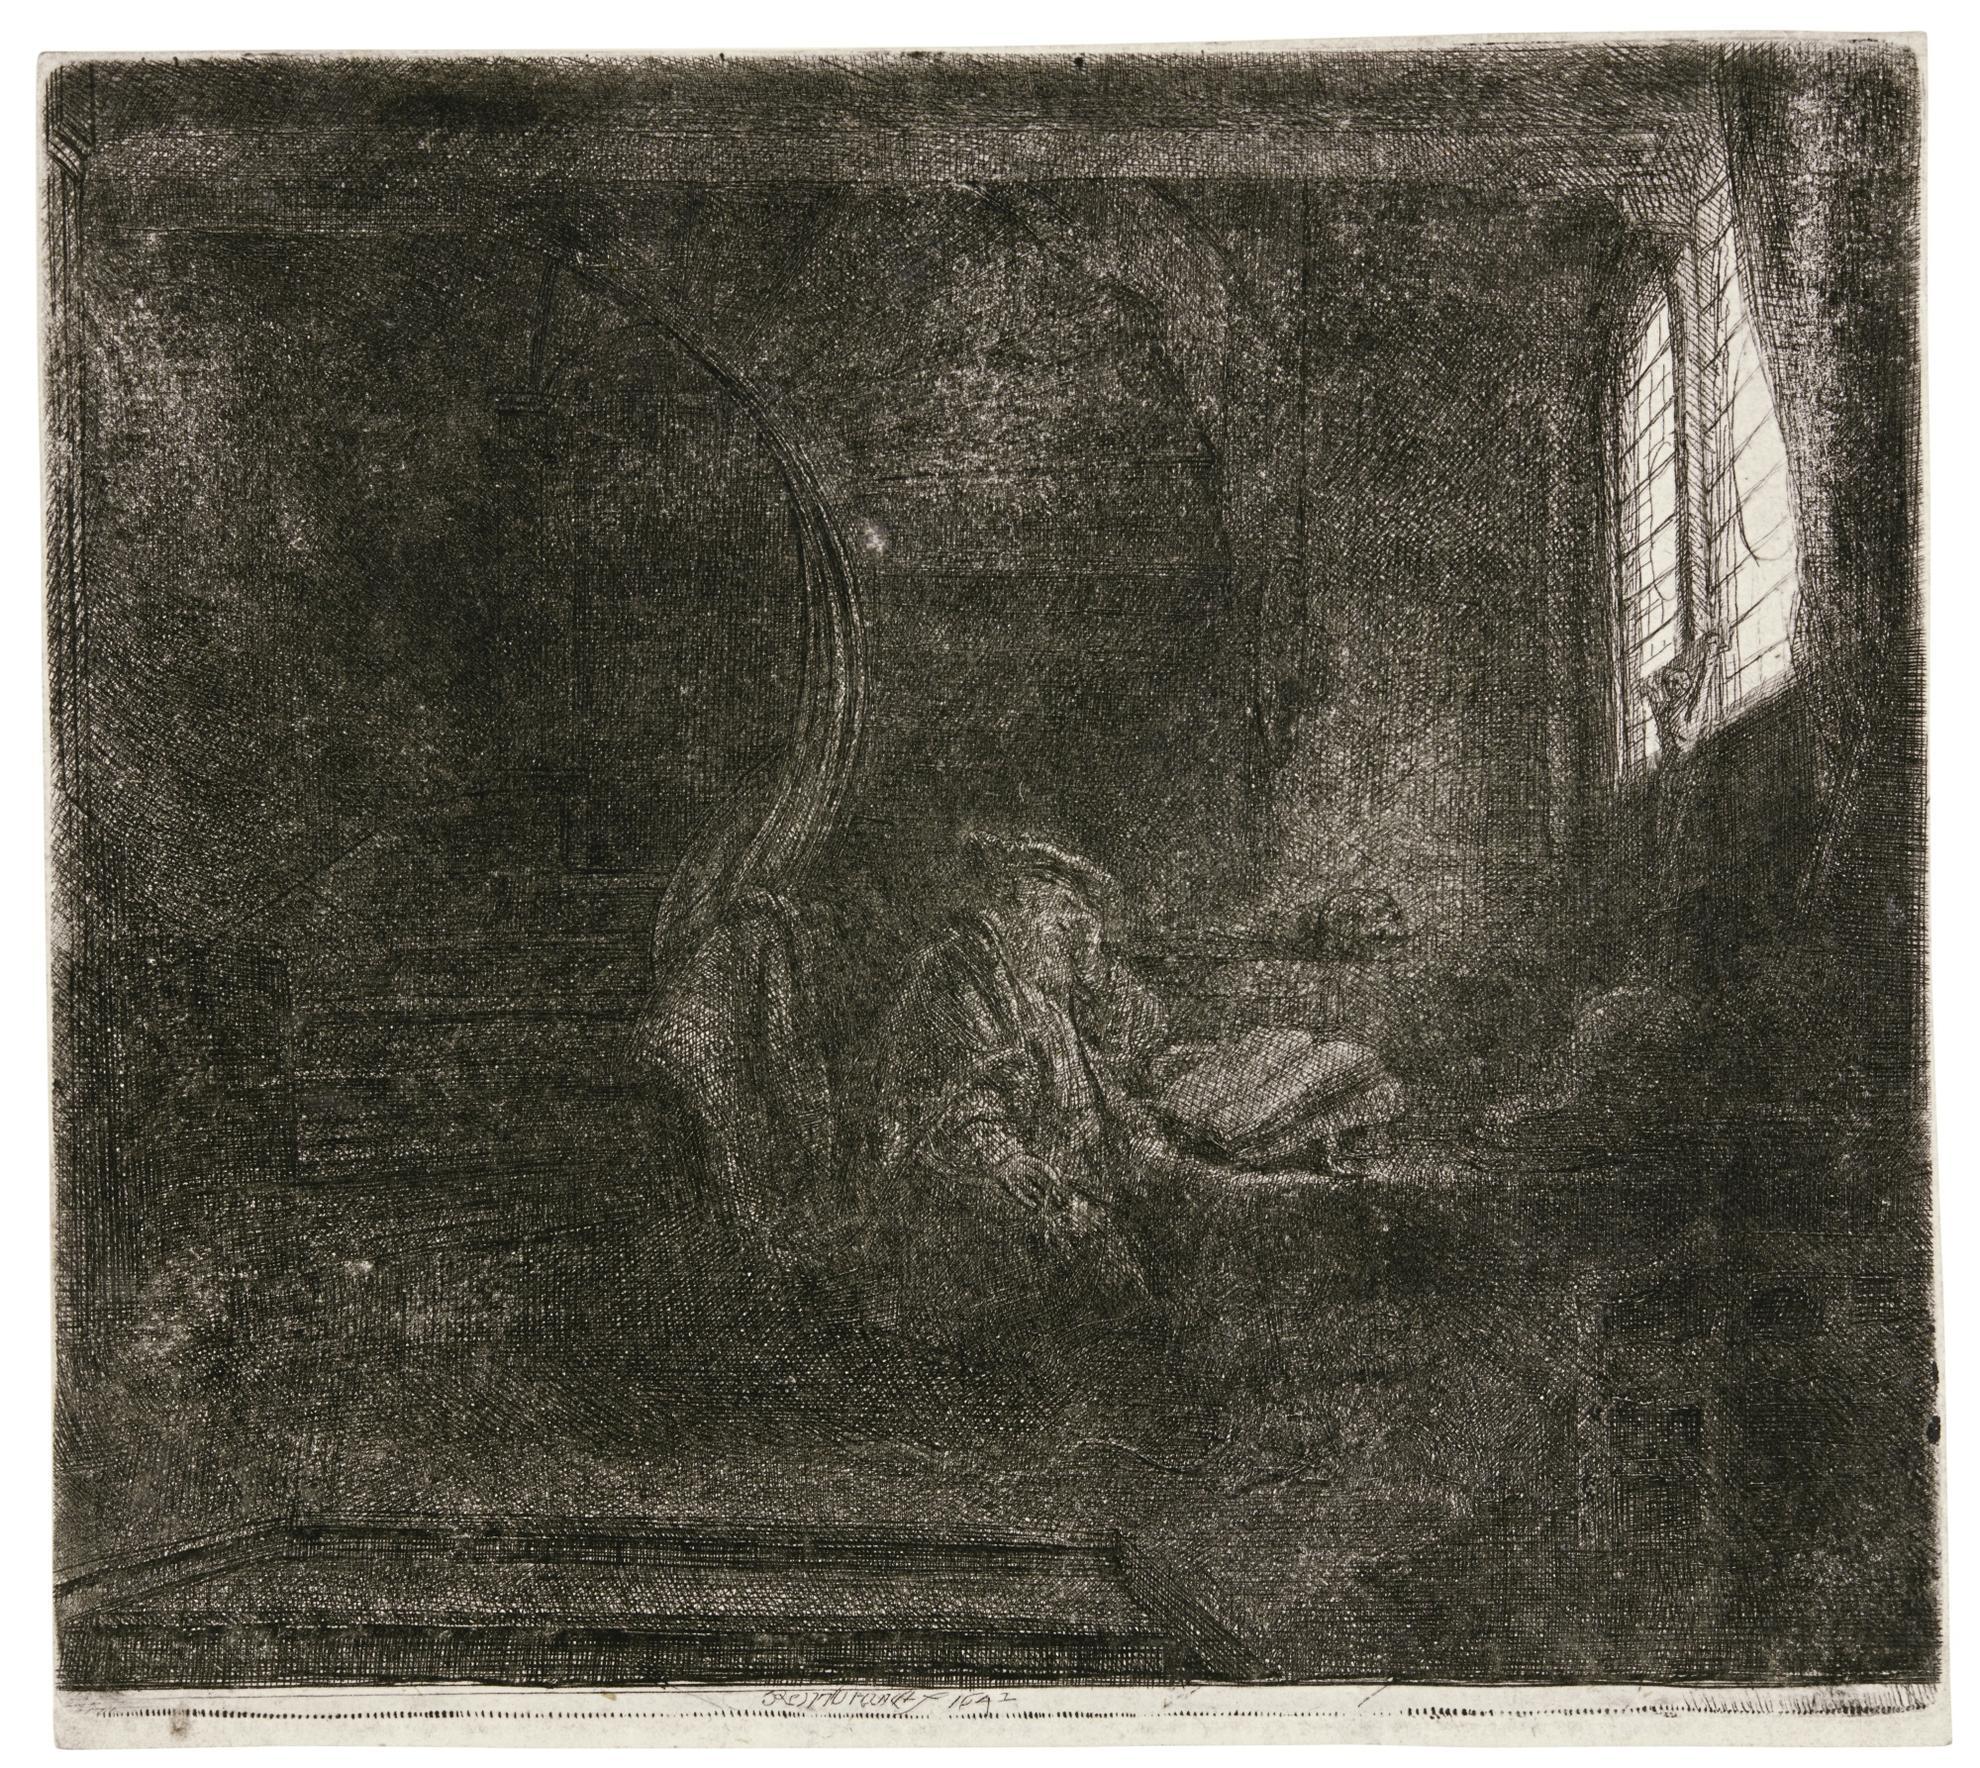 Rembrandt van Rijn-Saint Jerome In A Dark Chamber (B., Holl. 105; New Holl. 212; H. 201)-1642